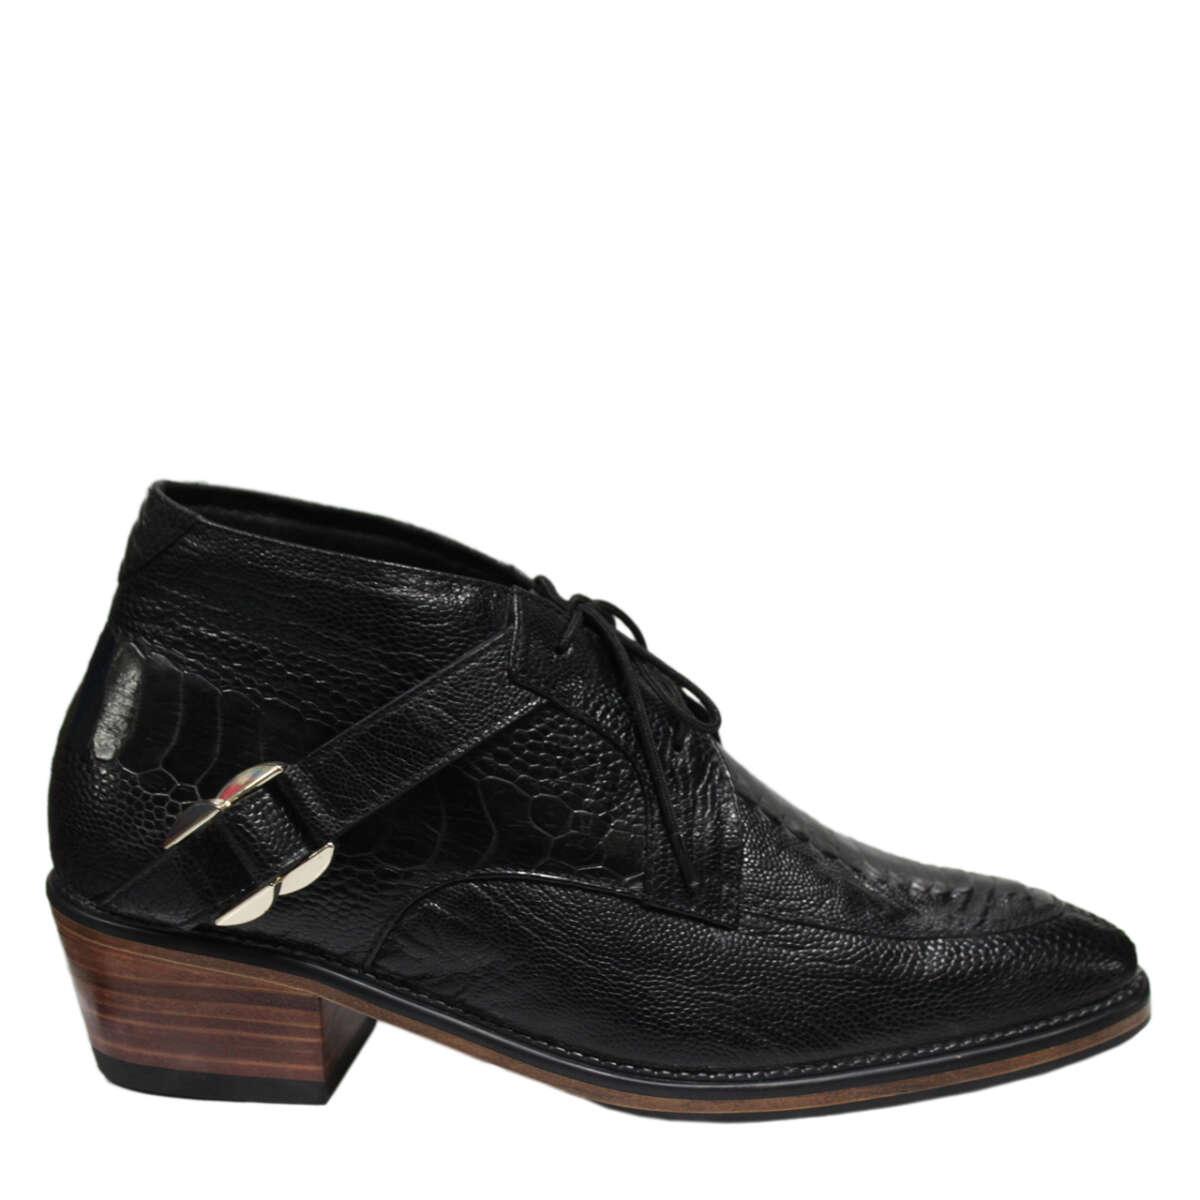 Giày nam da đà điểu E865a